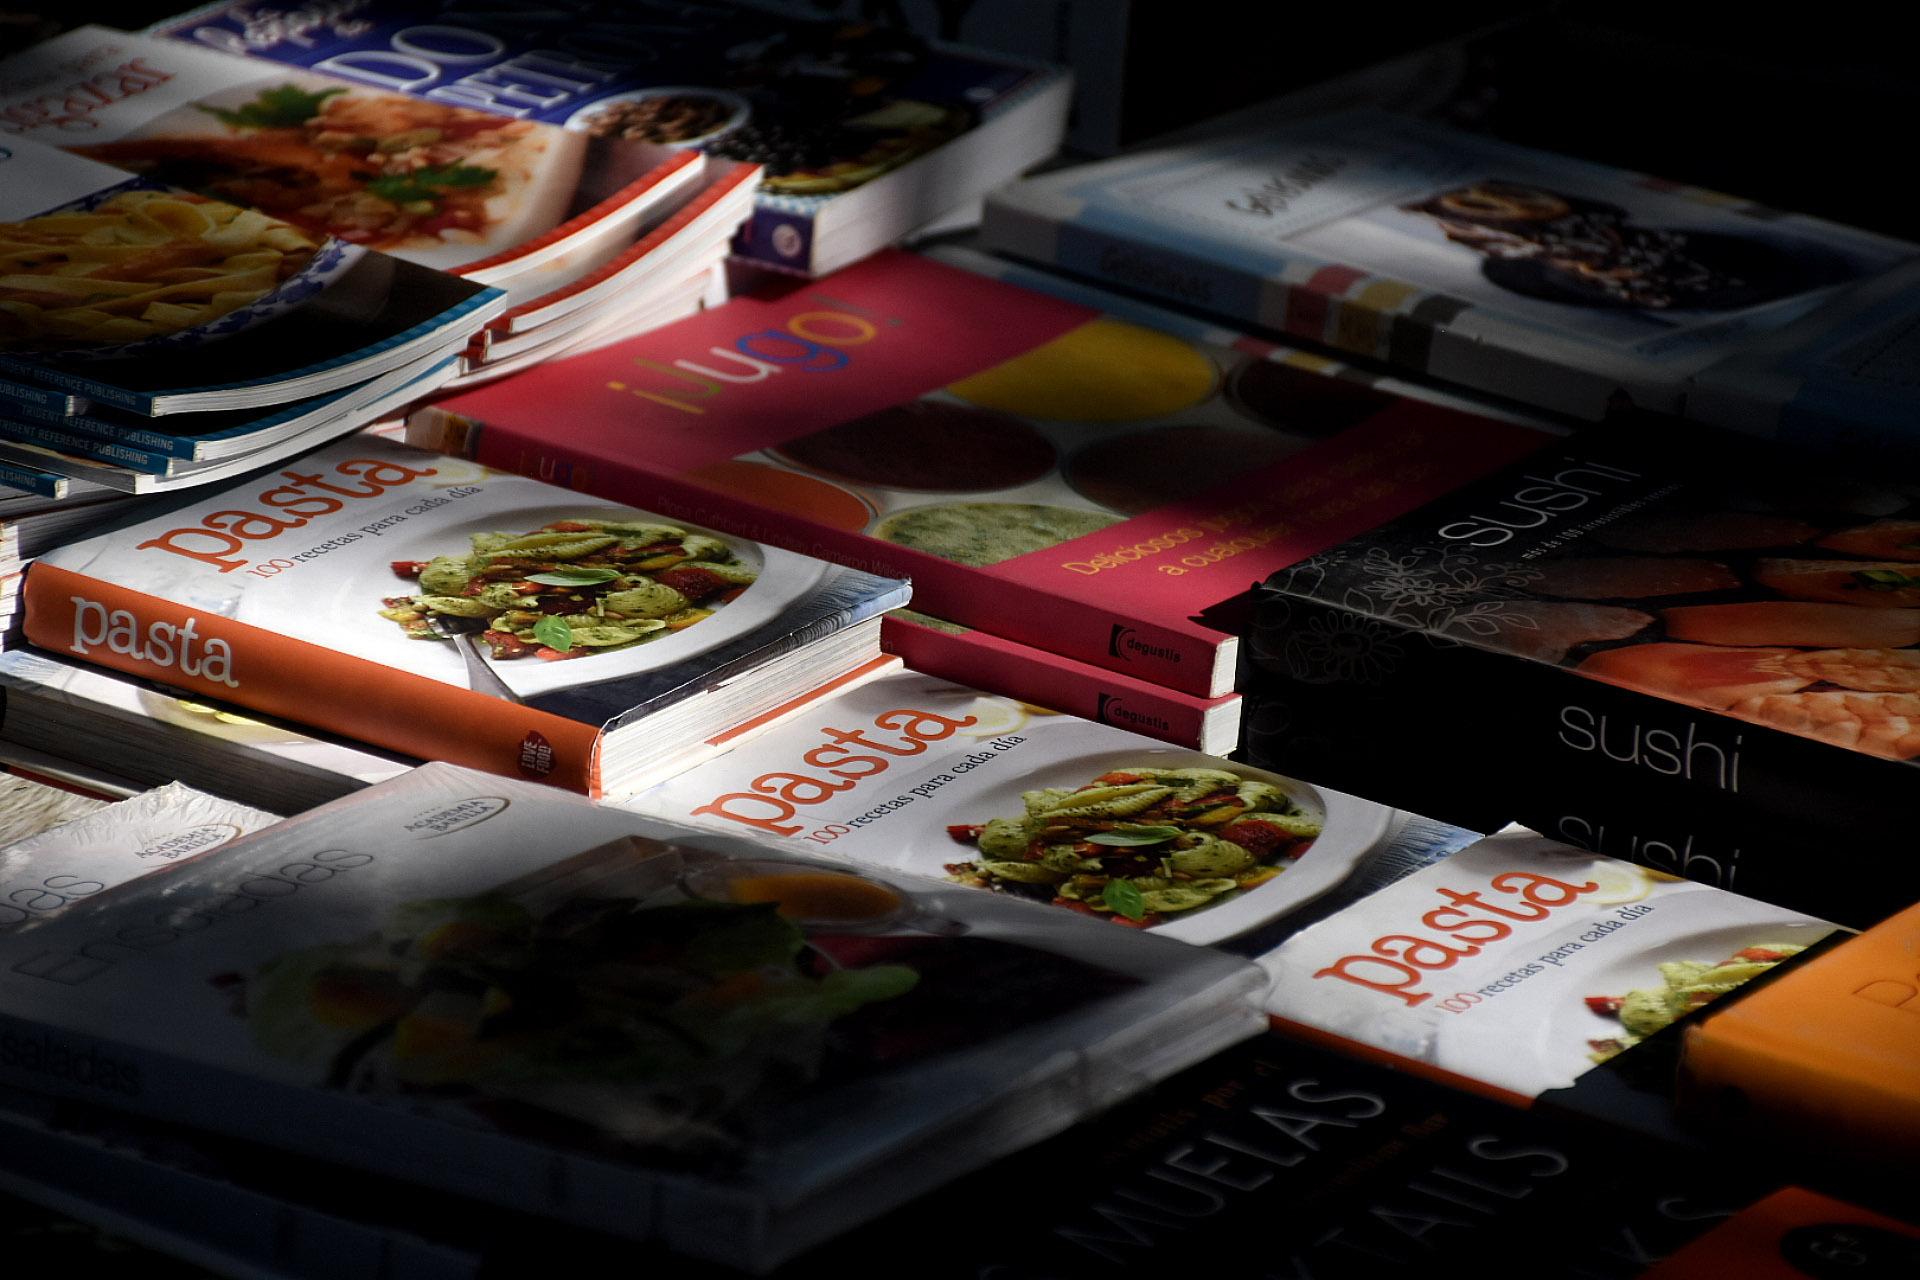 Otra edición más, los mejores libros de cocina estuvieron con sus respectivas editoriales en la feria Leer y Comer. Cocineros y escritores los firmaron y dieron charlas en el auditorio presentando su libro.